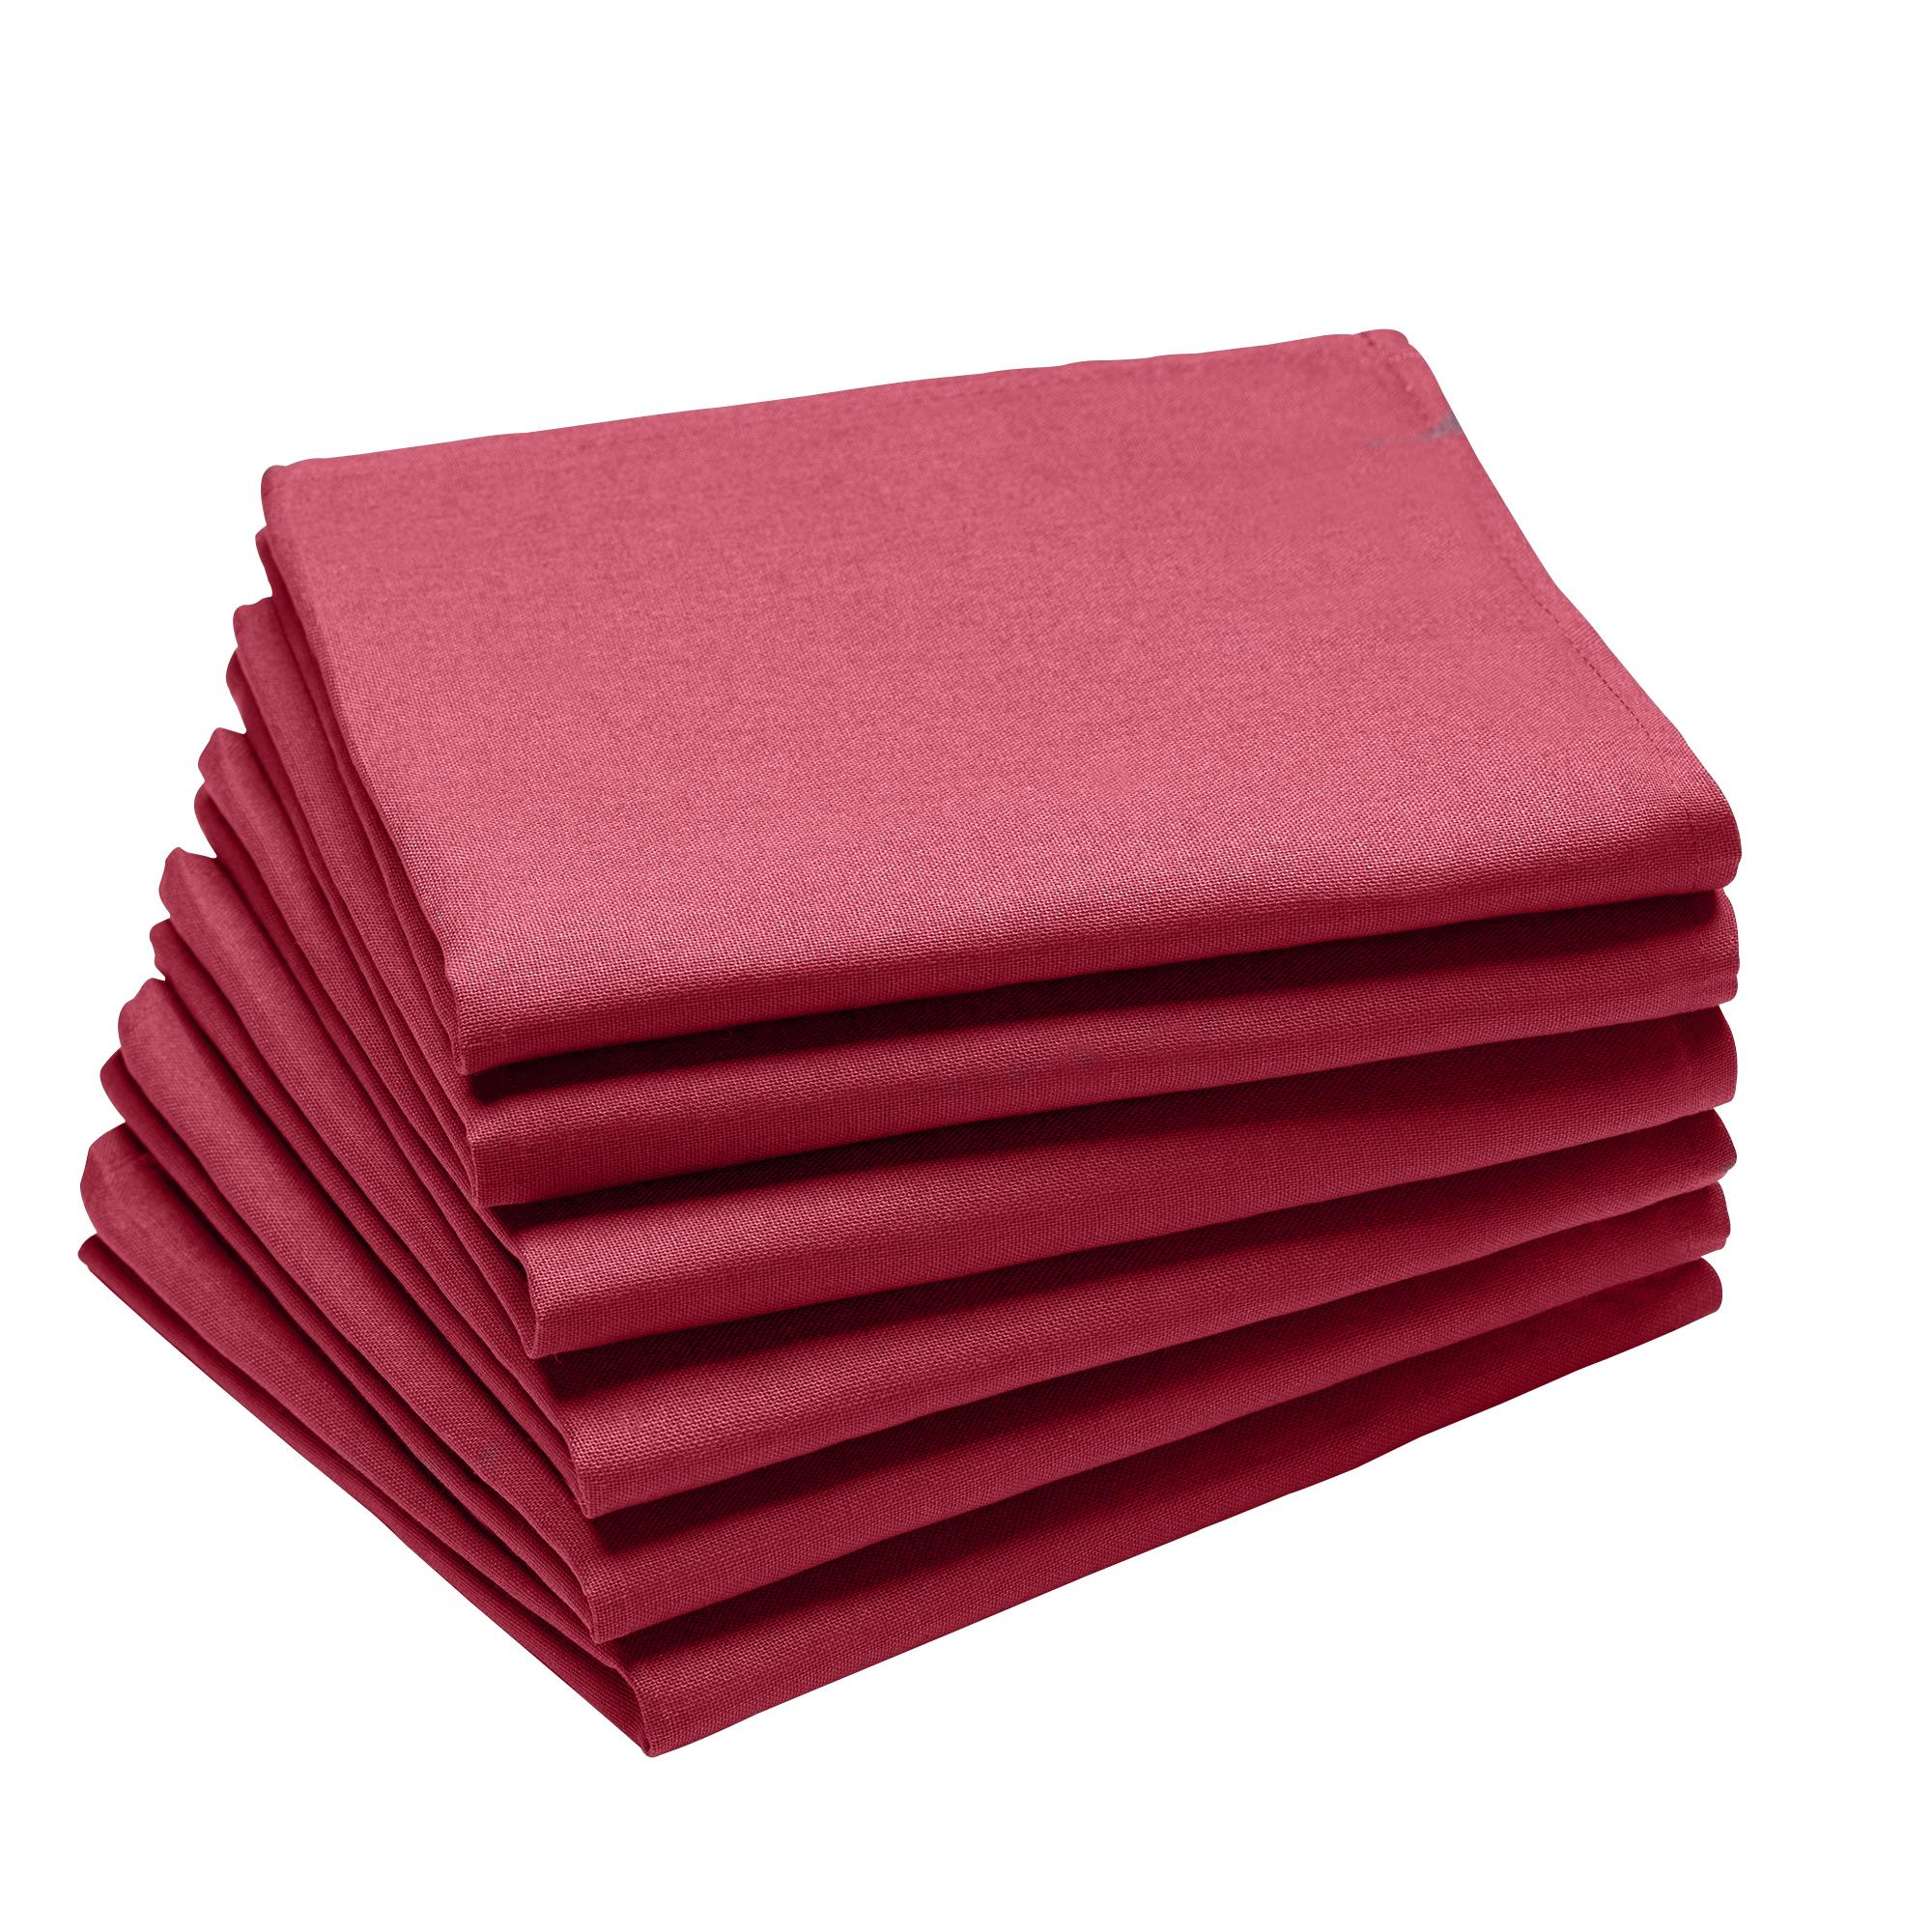 Lot de 6 serviettes en coton traite Teflon, Griotte 45 x 45